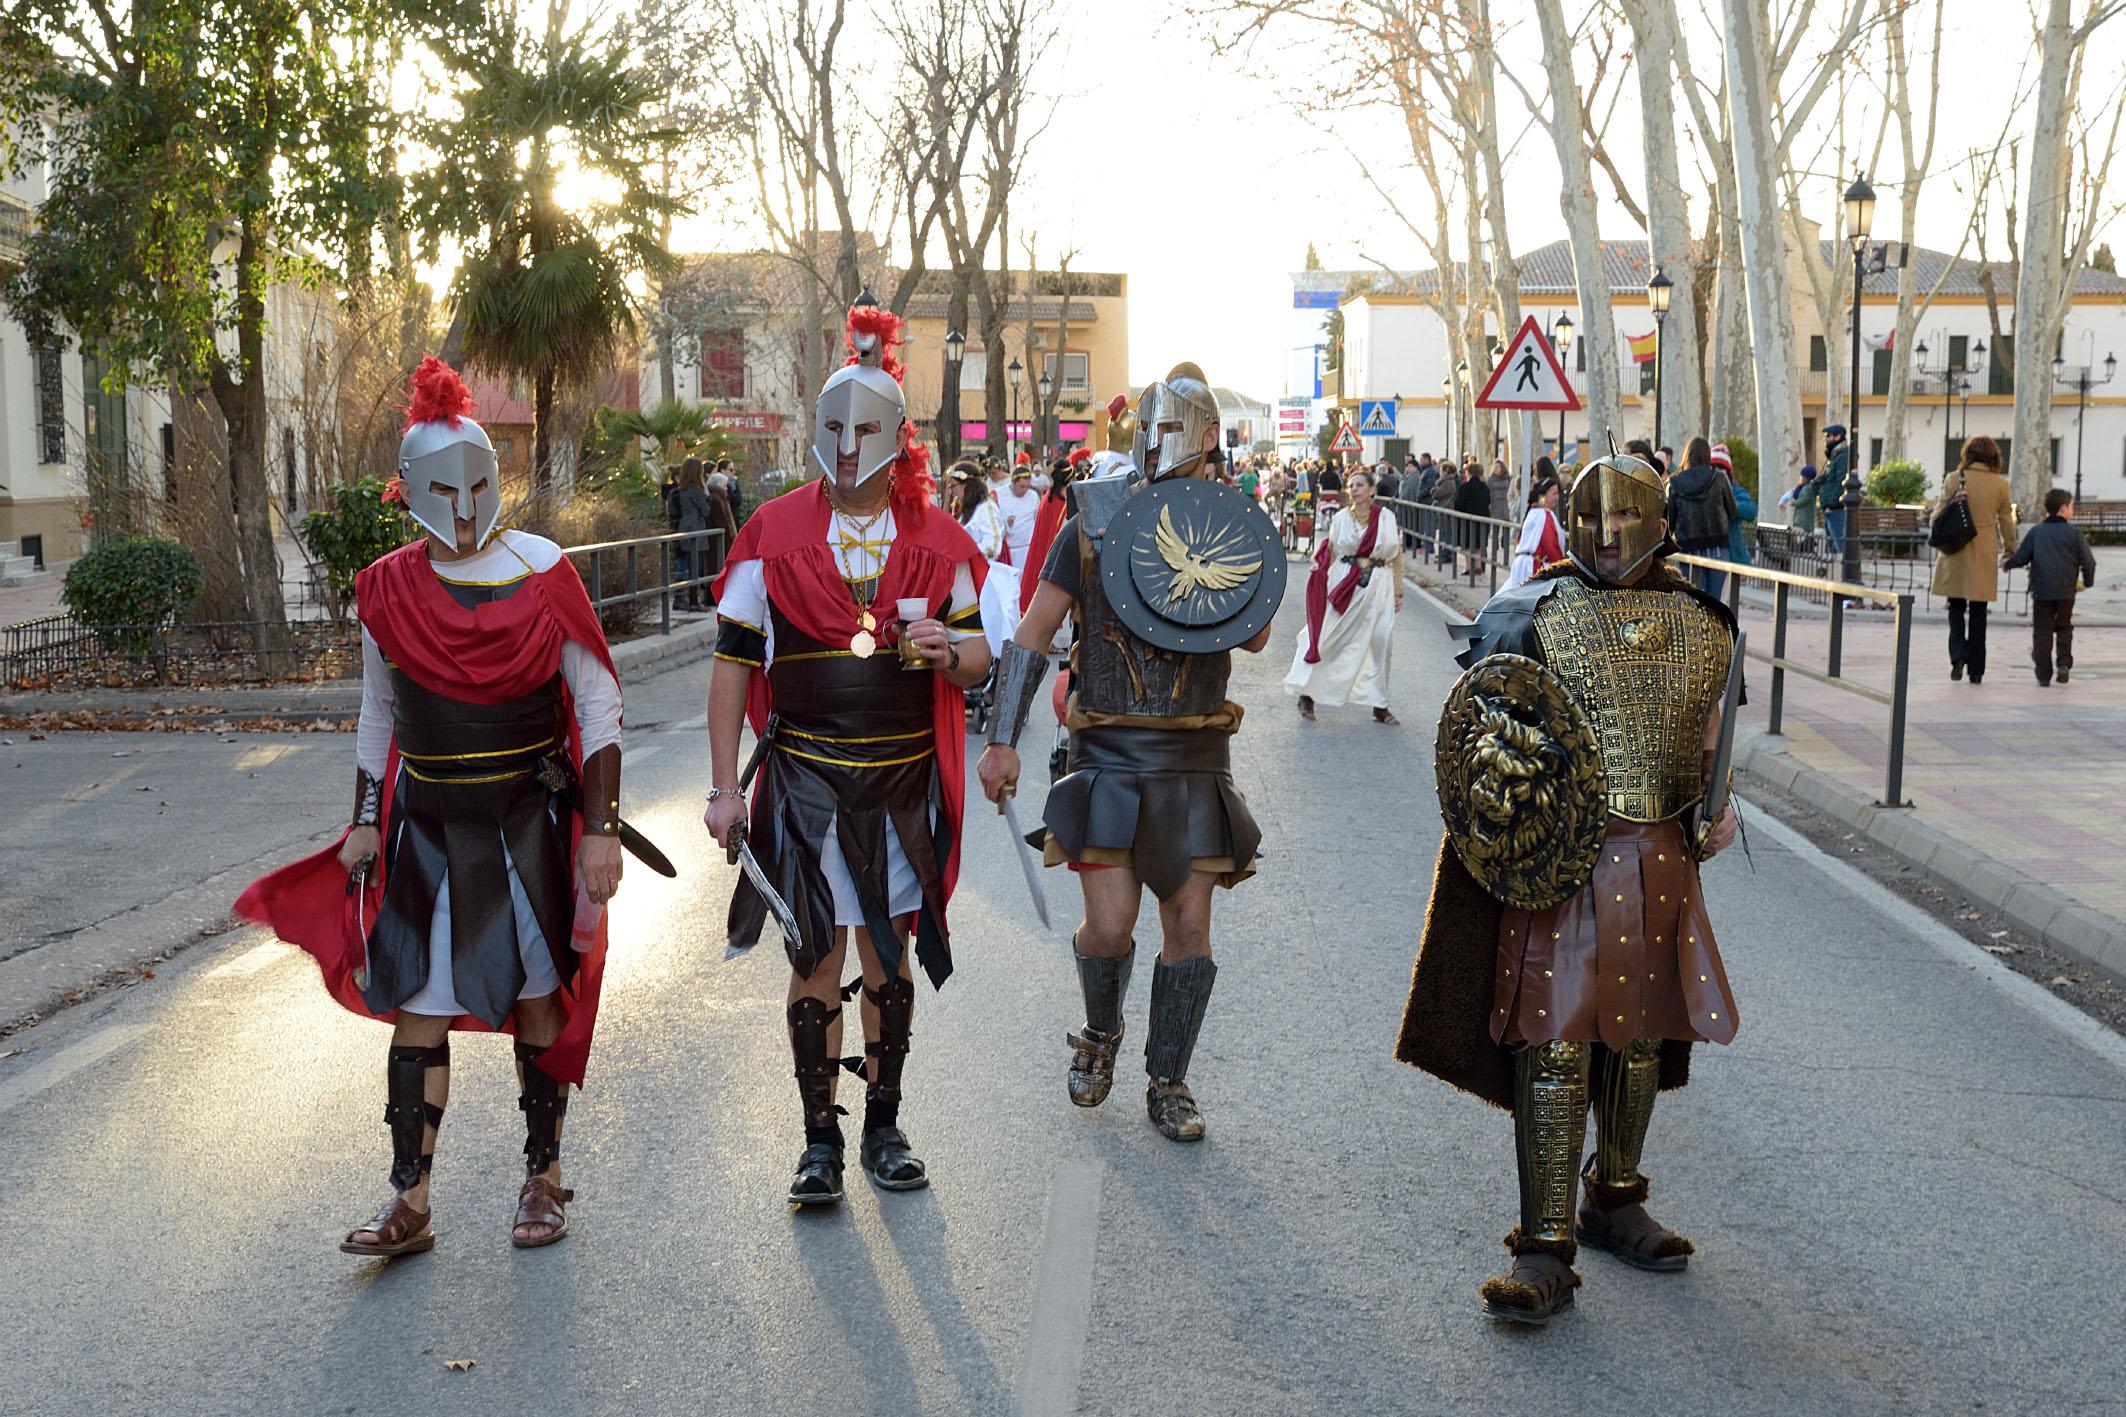 El ritmo y el calor de las comparsas compensan la fría tarde de Carnaval en Argamasilla de Alba